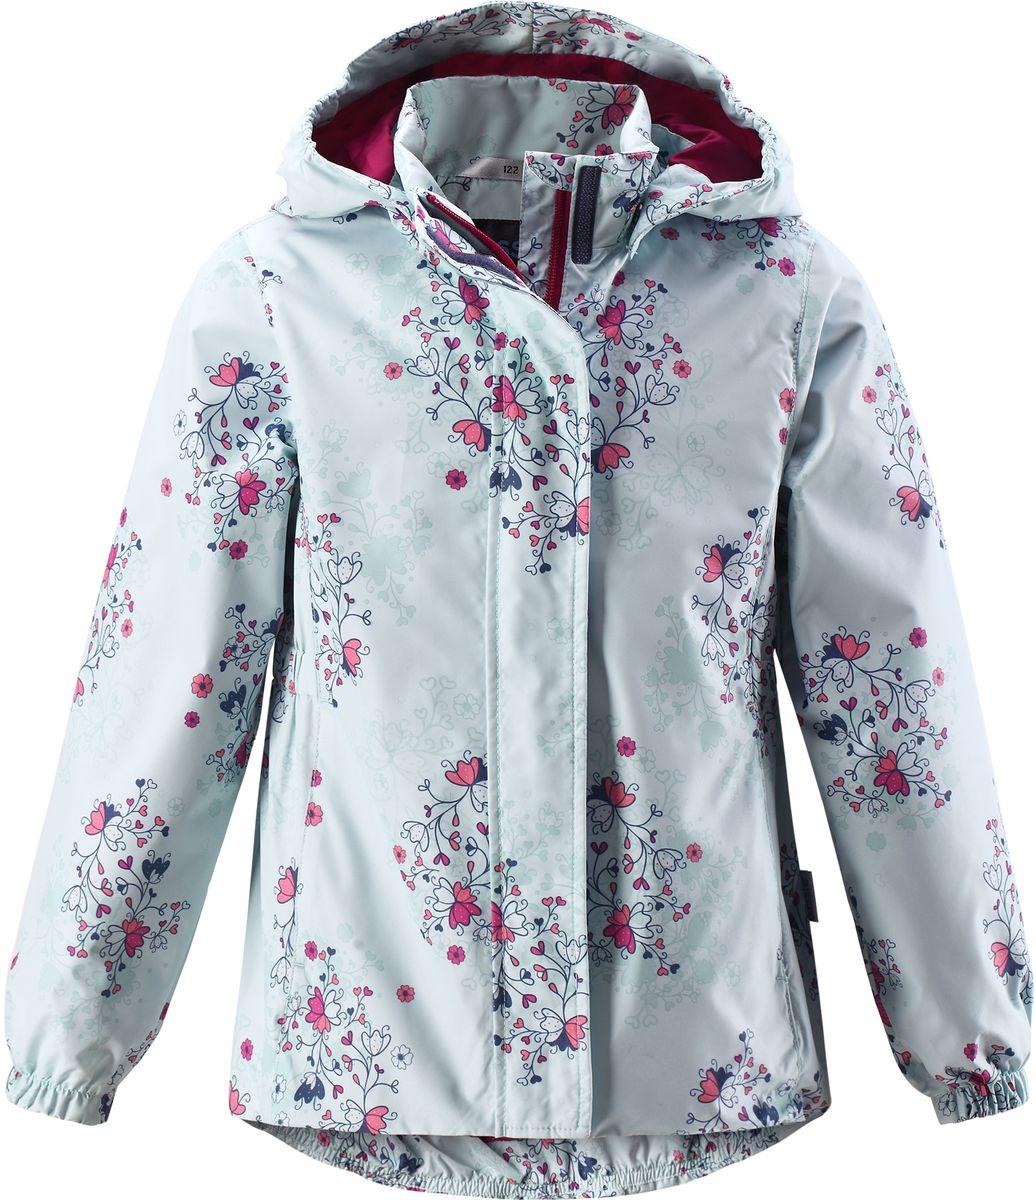 Куртка для девочки Lassie, цвет: бледно-зеленый. 721704R8781. Размер 140721704R8781Стильная демисезонная куртка для девочек изготовлена из водоотталкивающего, ветронепроницаемого и дышащего материала. Гладкая и приятная на ощупь подкладка из полиэстера на легком утеплителе согревает и облегчает процесс одевания. Удлиненная модель для девочек с эластичной талией, подолом и манжетами. Практичные детали просто незаменимы: безопасный съемный капюшон, карманы, вшитые в боковые швы, и светоотражающая эмблема сзади.